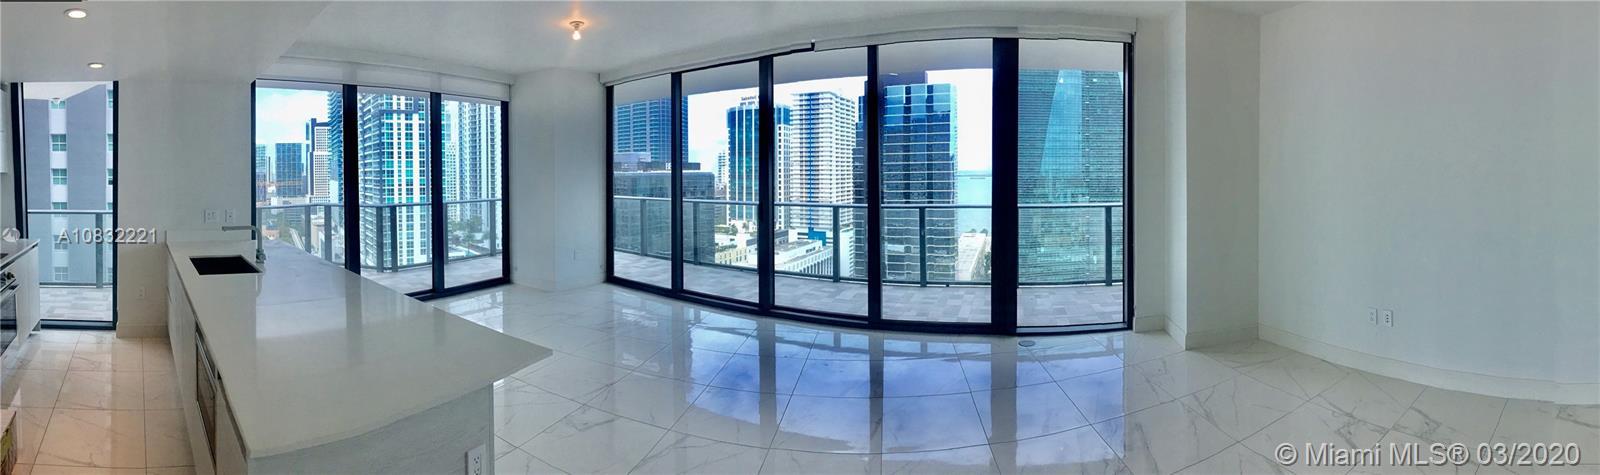 1300 S Miami Ave #2101 For Sale A10832221, FL